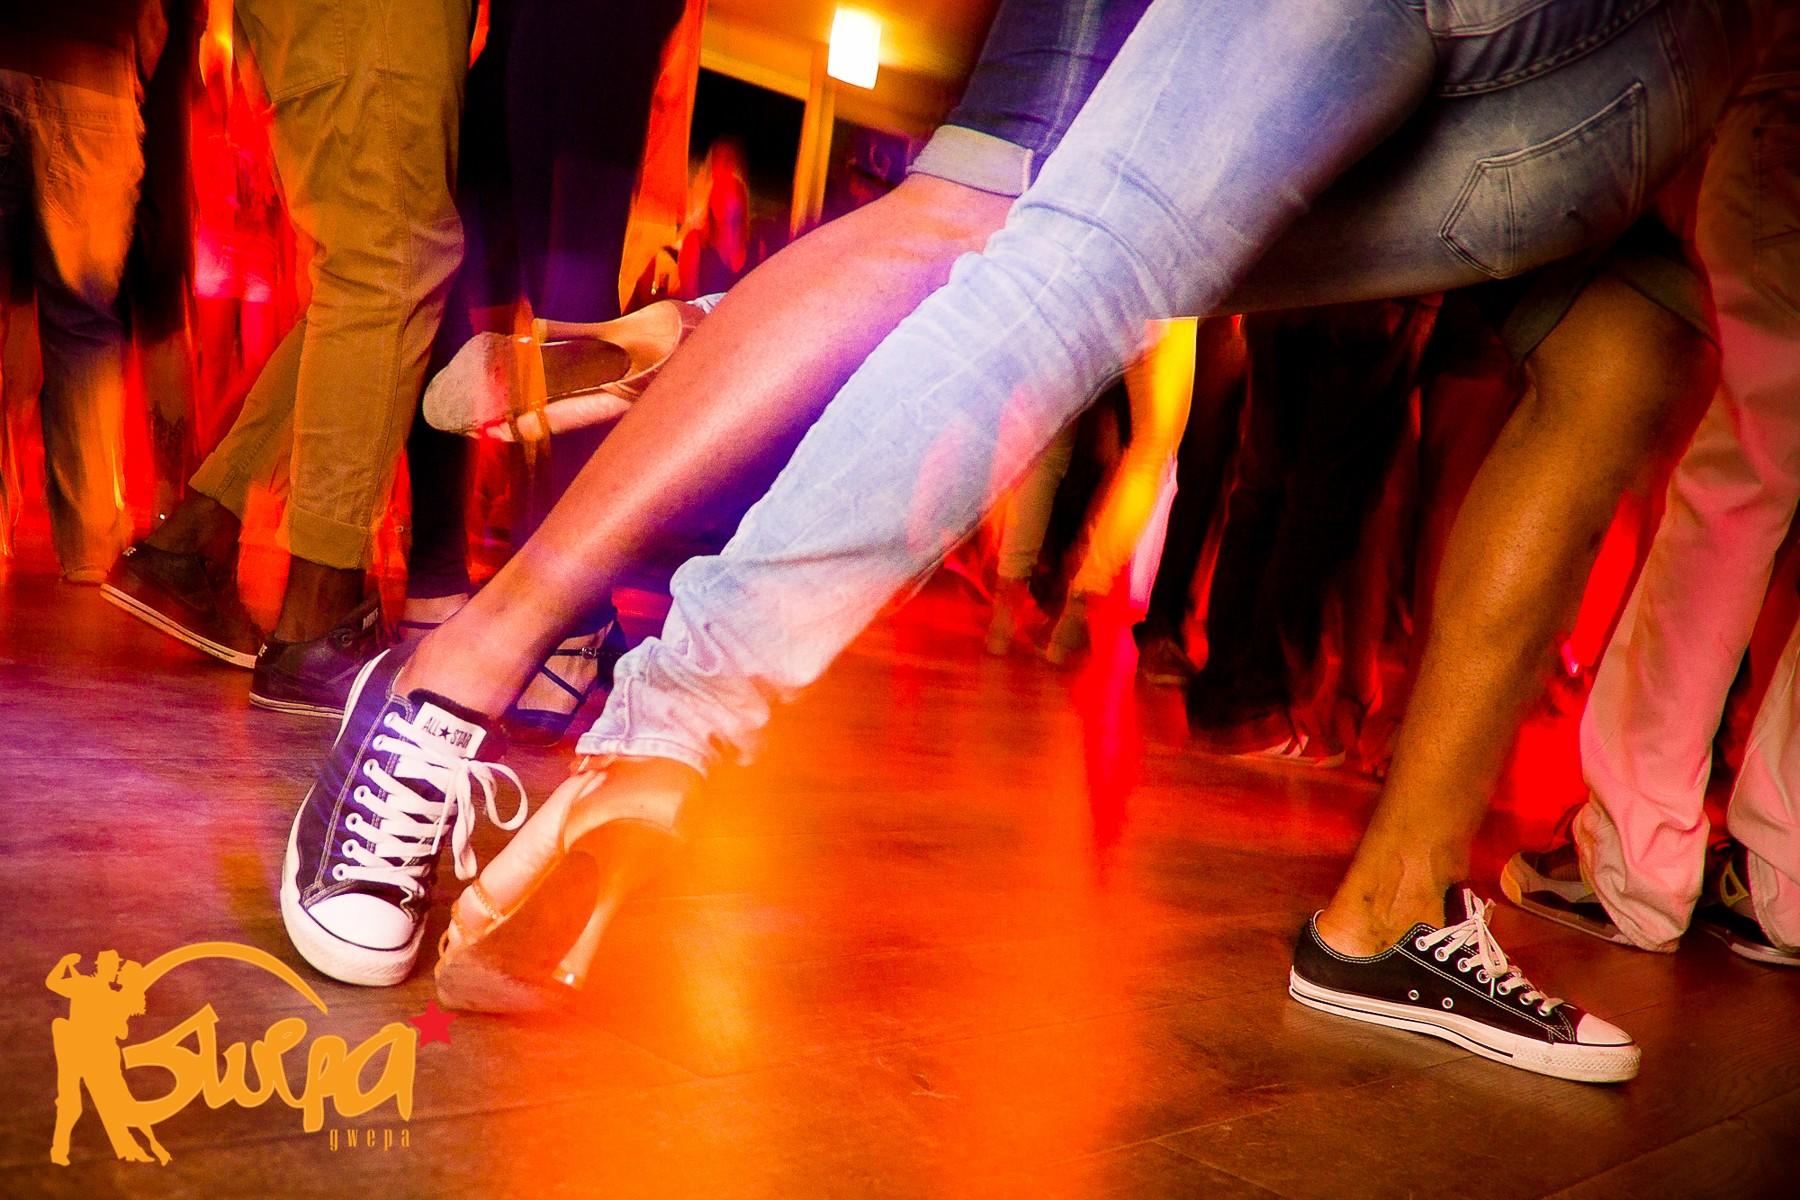 Happy dancing feet